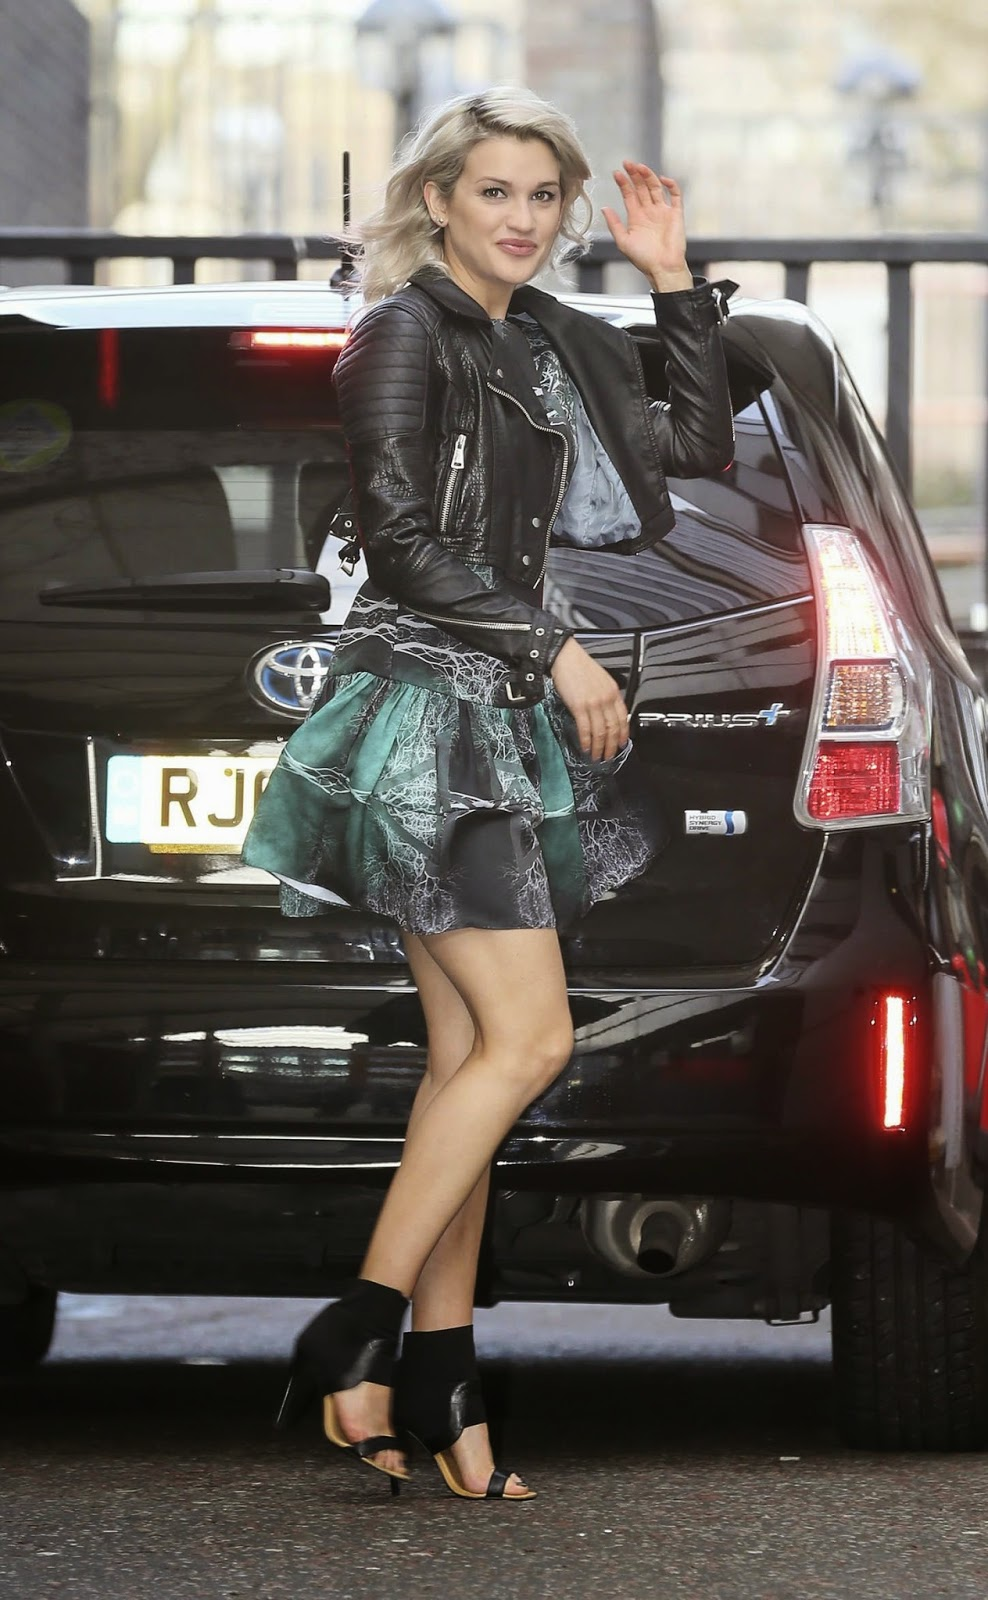 المغنية الأمريكية الجميلة اشلي روبرتس خلال وصولها الى استوديوهات لندن